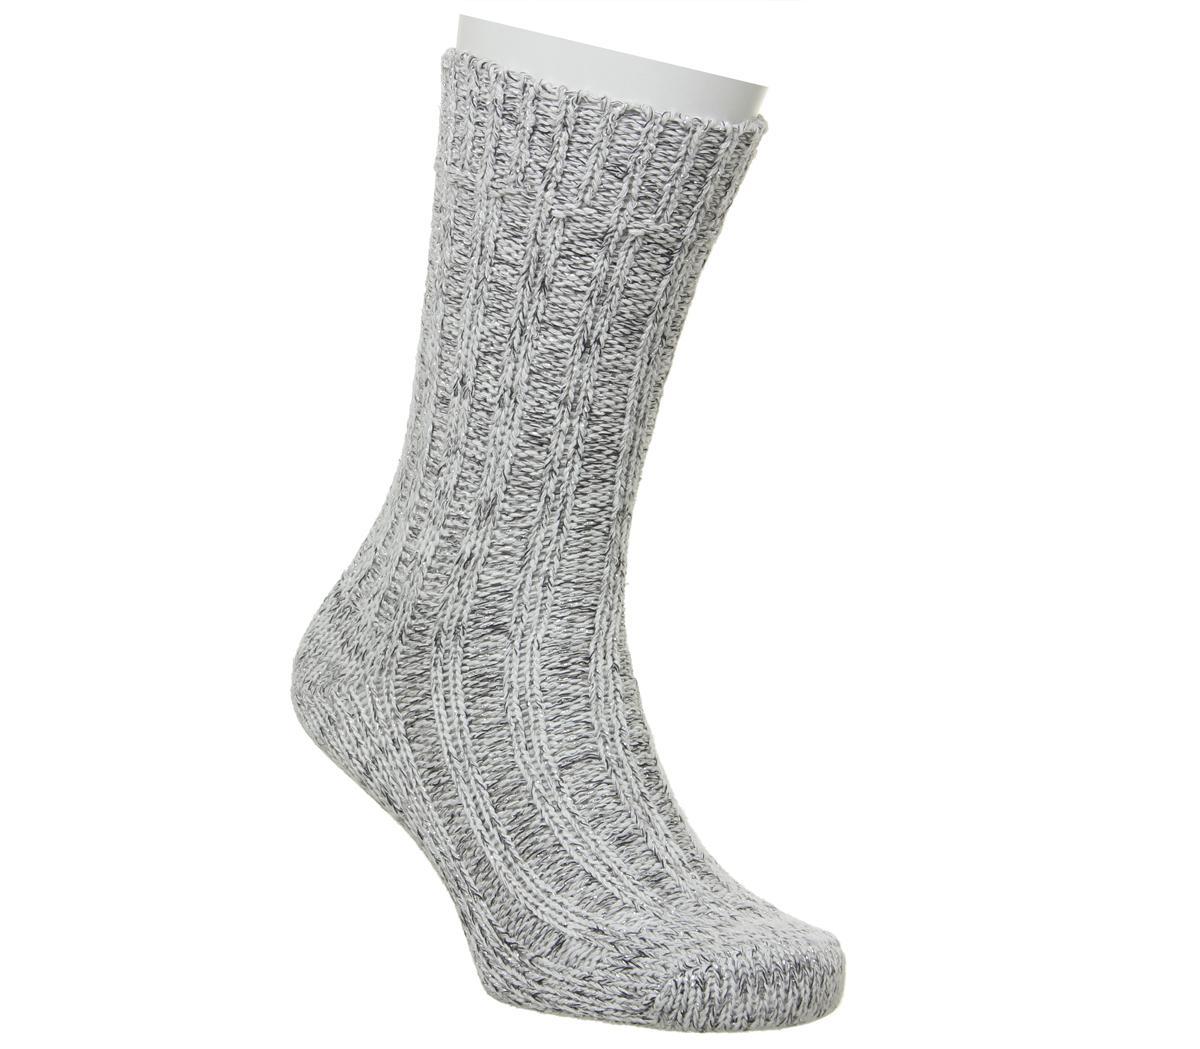 Bling Black Socks